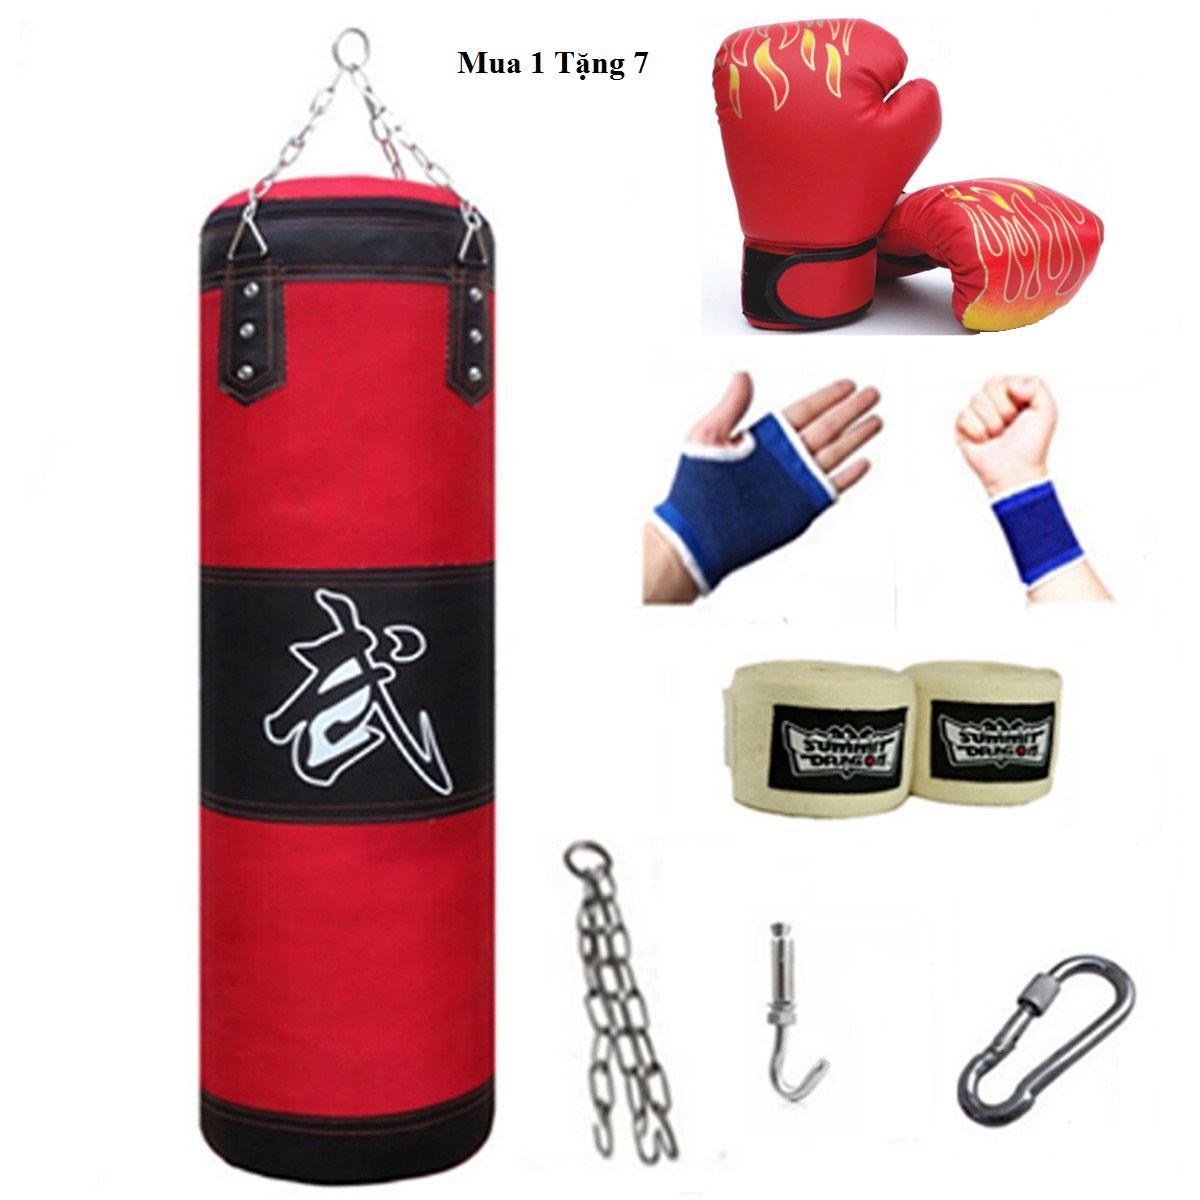 [Có Video] Vỏ Bao Đấm Bốc Treo Tường - Mua 1 Tặng 7 - Vỏ Bao Đấm Boxing 3 Lớp Đang Trong Dịp Khuyến Mãi